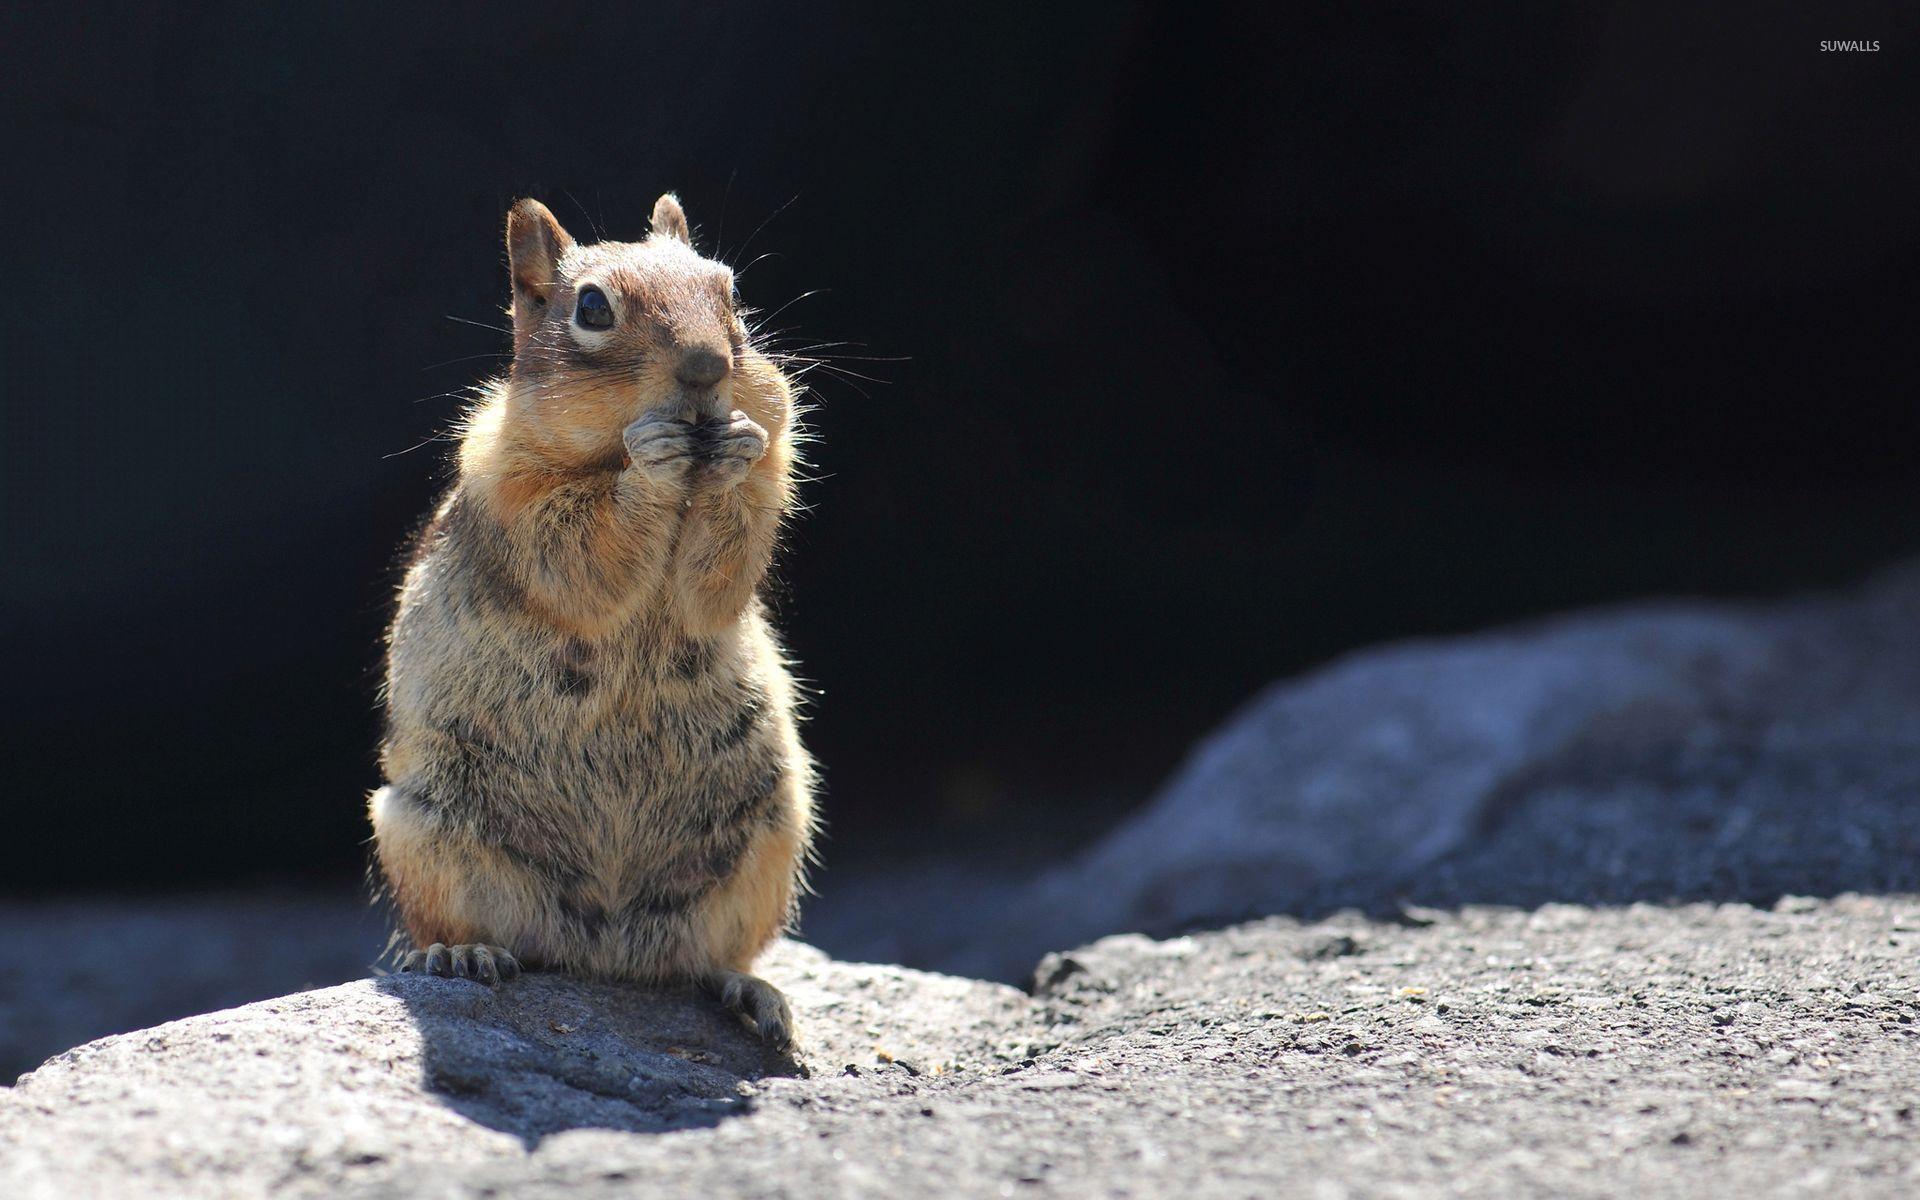 Cute Squirrel Wallpaper - WallpaperSafari